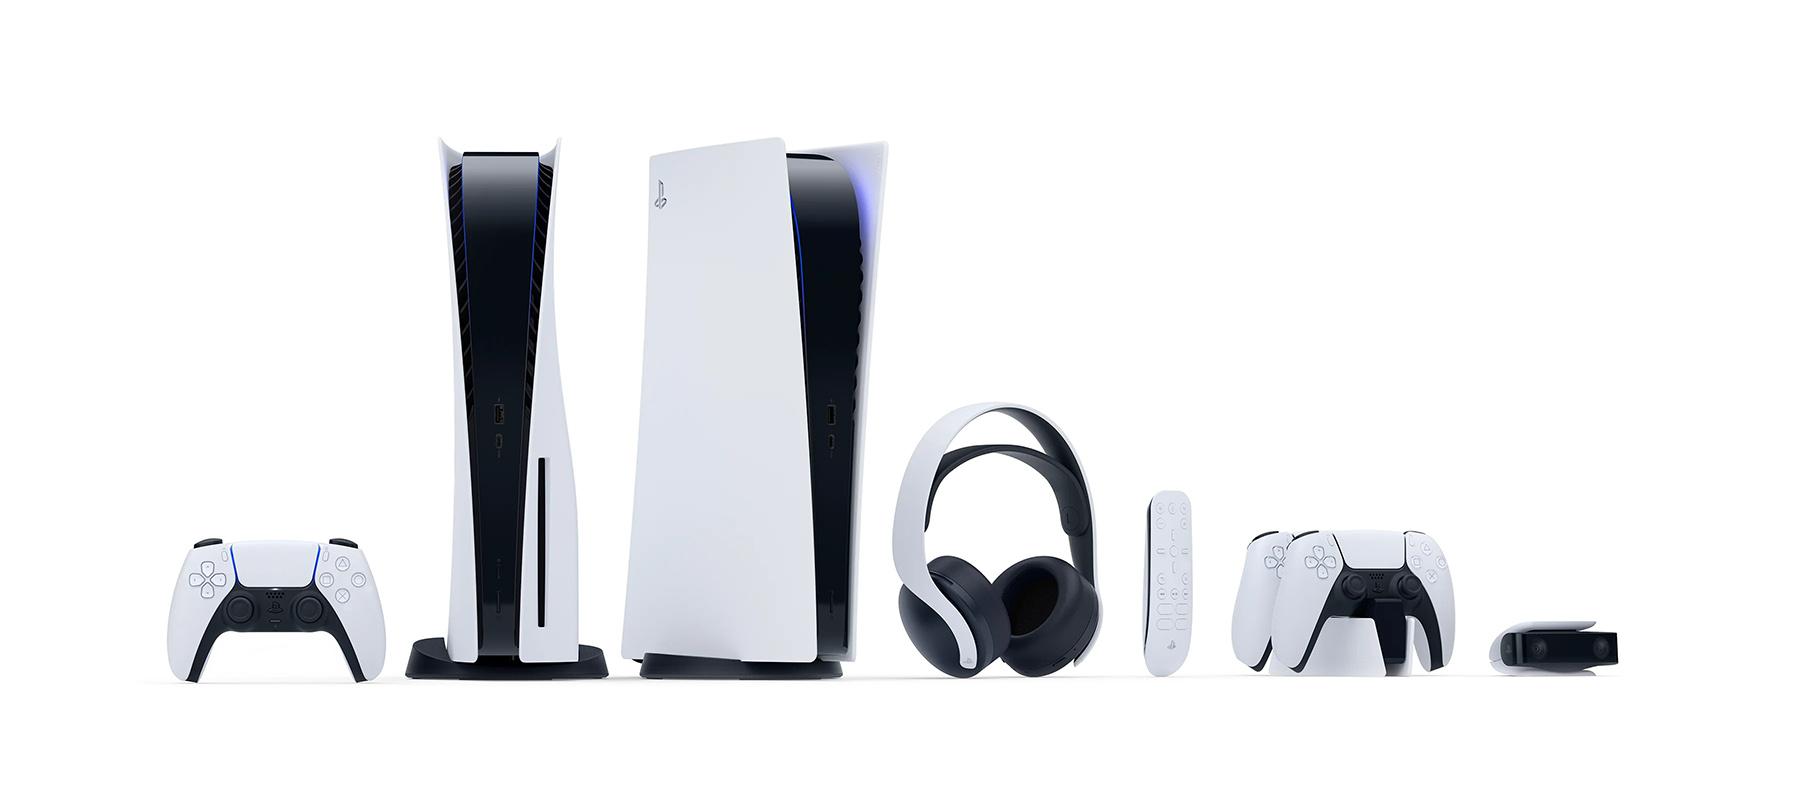 Sony's New Playstation 5